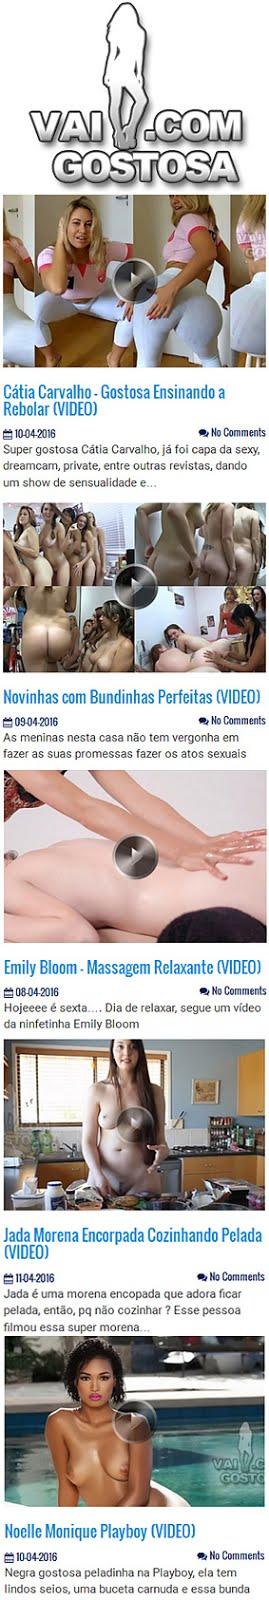 VaiGostosa.com